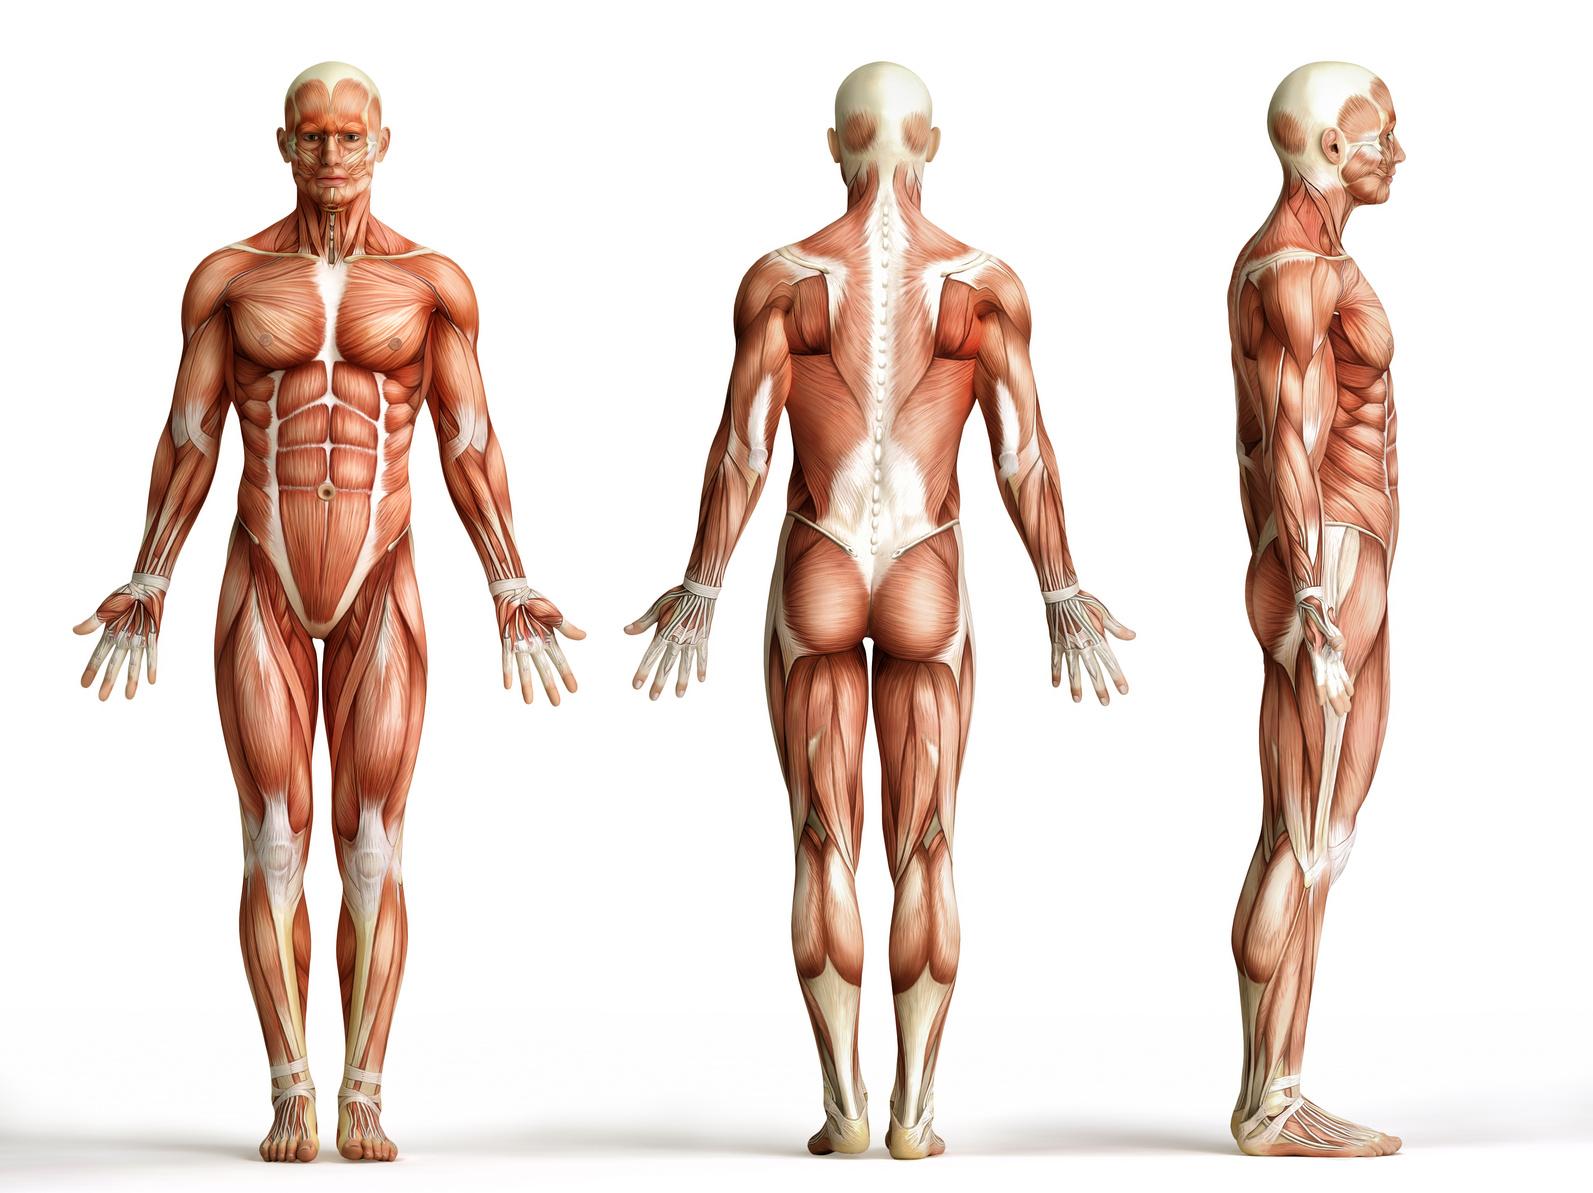 Ziemlich Große Muskeln Des Menschlichen Körpers Bilder - Menschliche ...